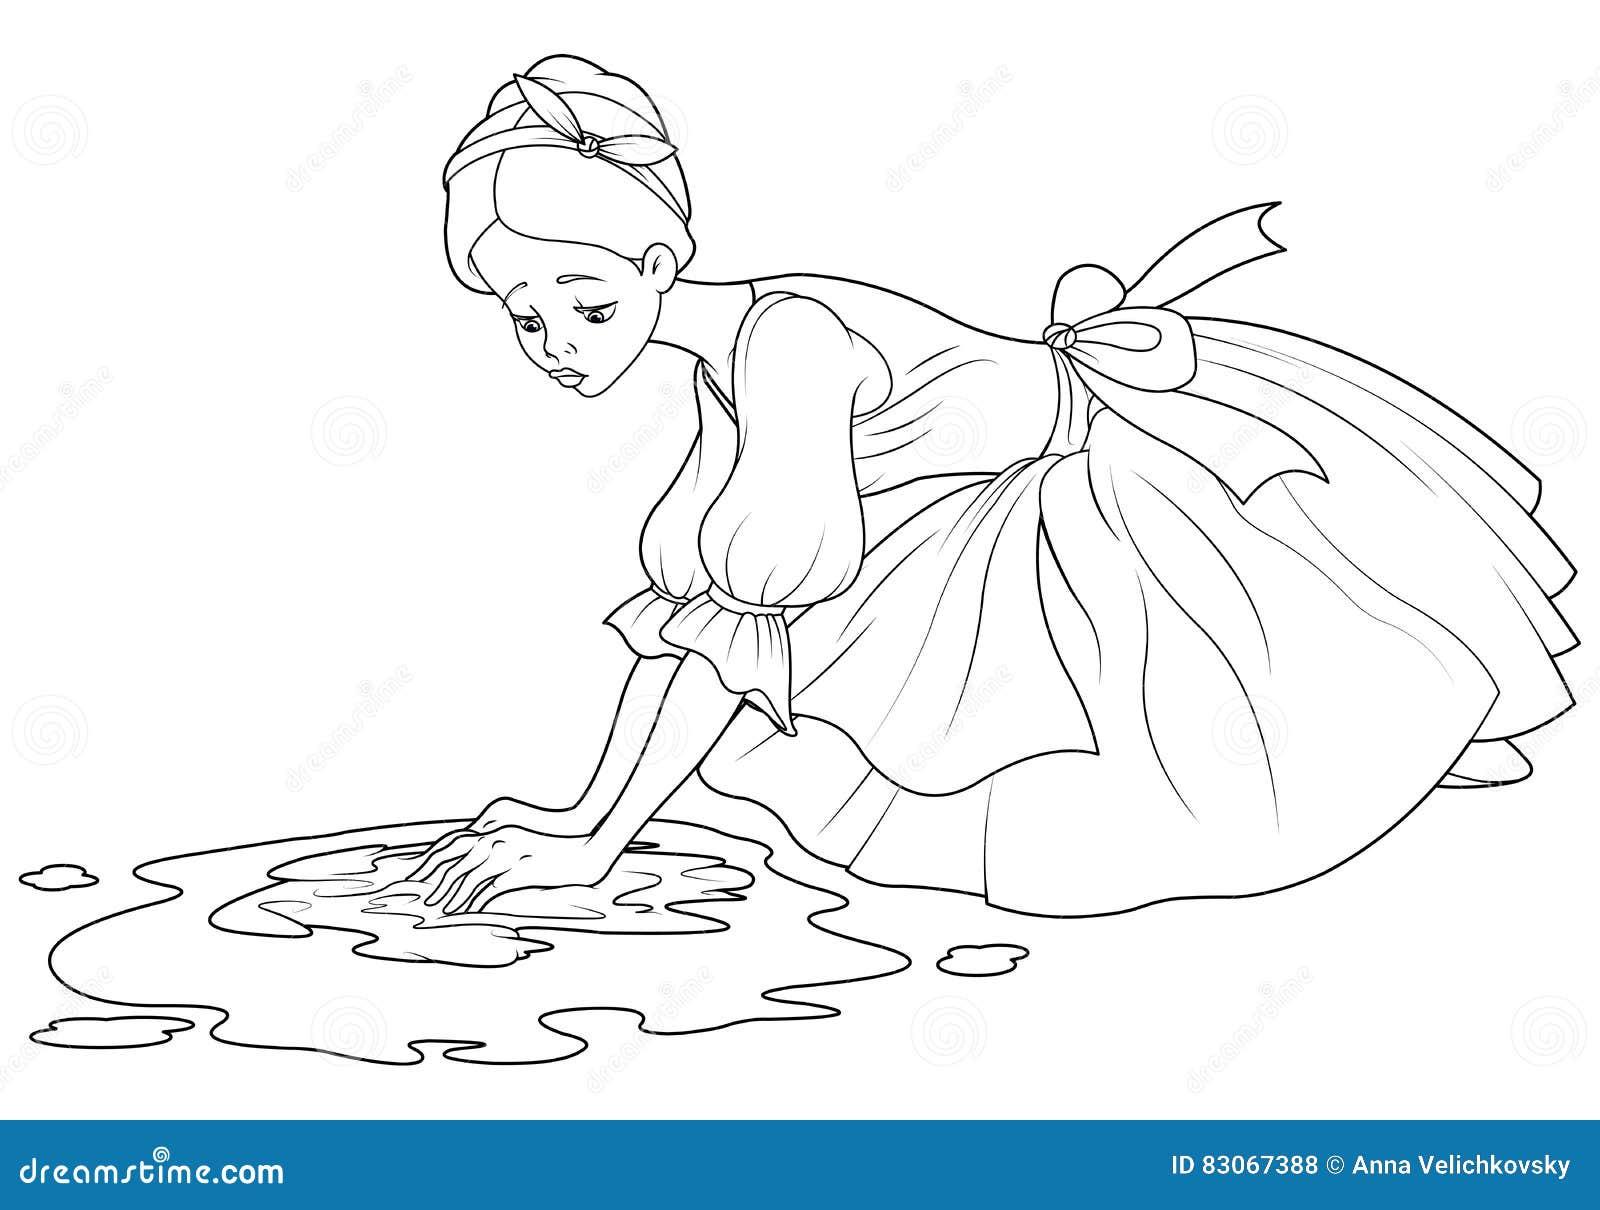 Sad cinderella wash the floor stock vector illustration 83067388 sad cinderella wash the floor voltagebd Gallery